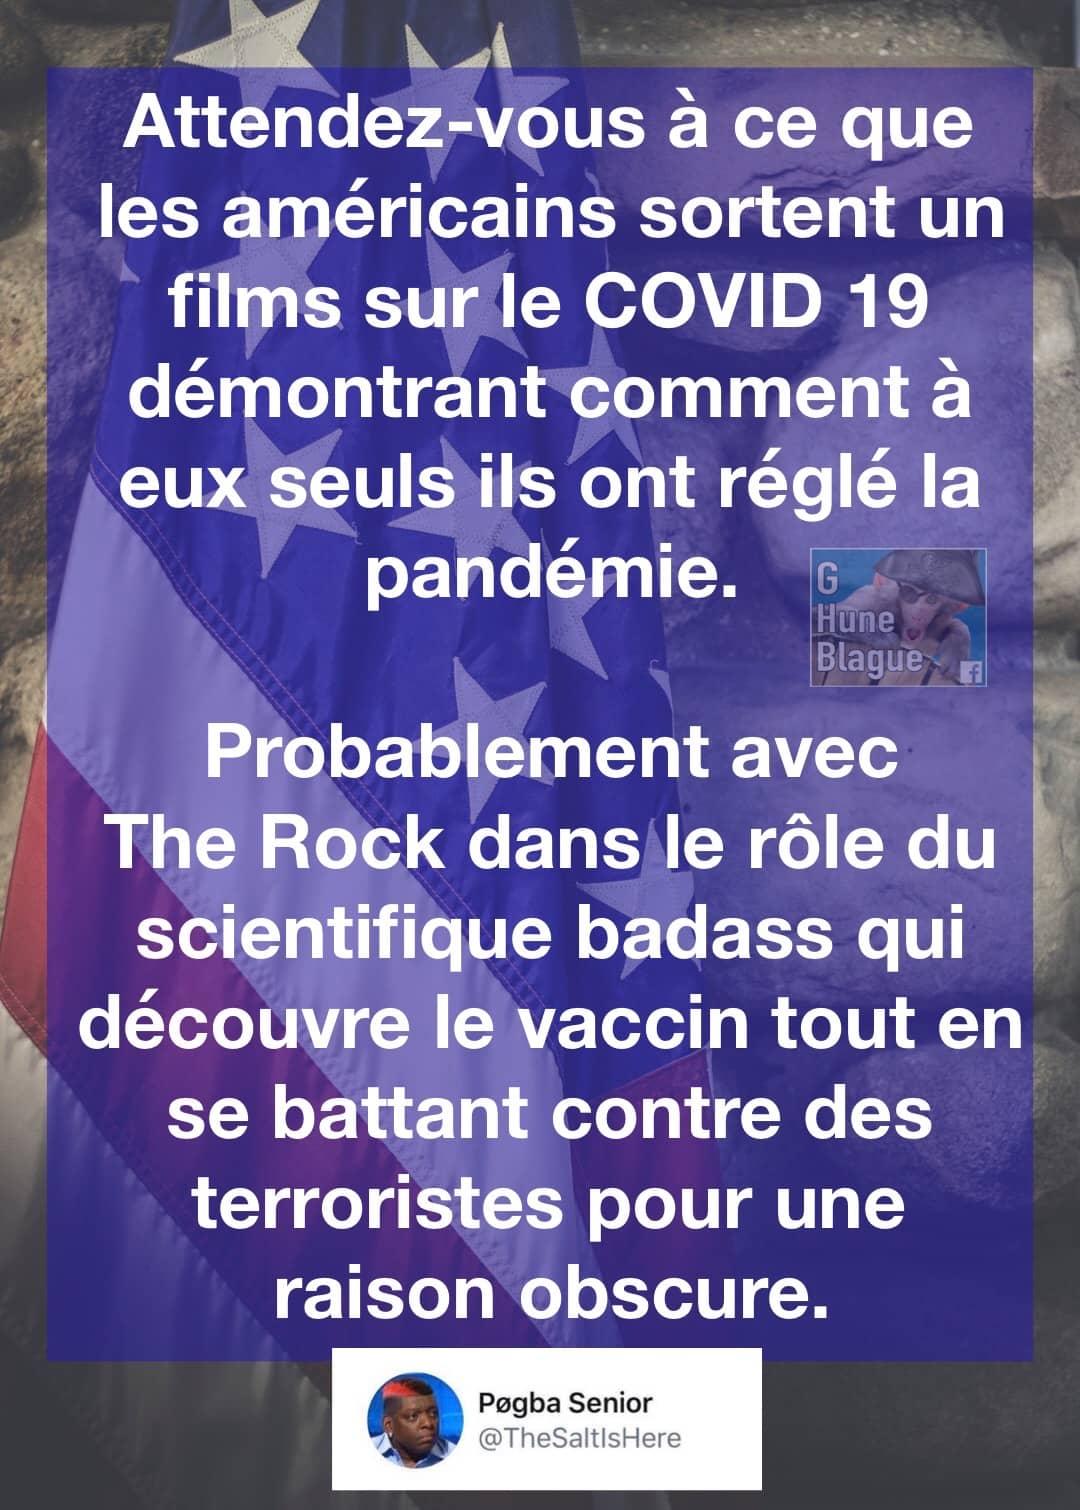 Attendez-vous prochainement à ce que les Américains sortent un film sur le Coronavirus qui démontrera comment à eux seuls ils ont réglé la pandémie. Avec The Rock dans le rôle principal